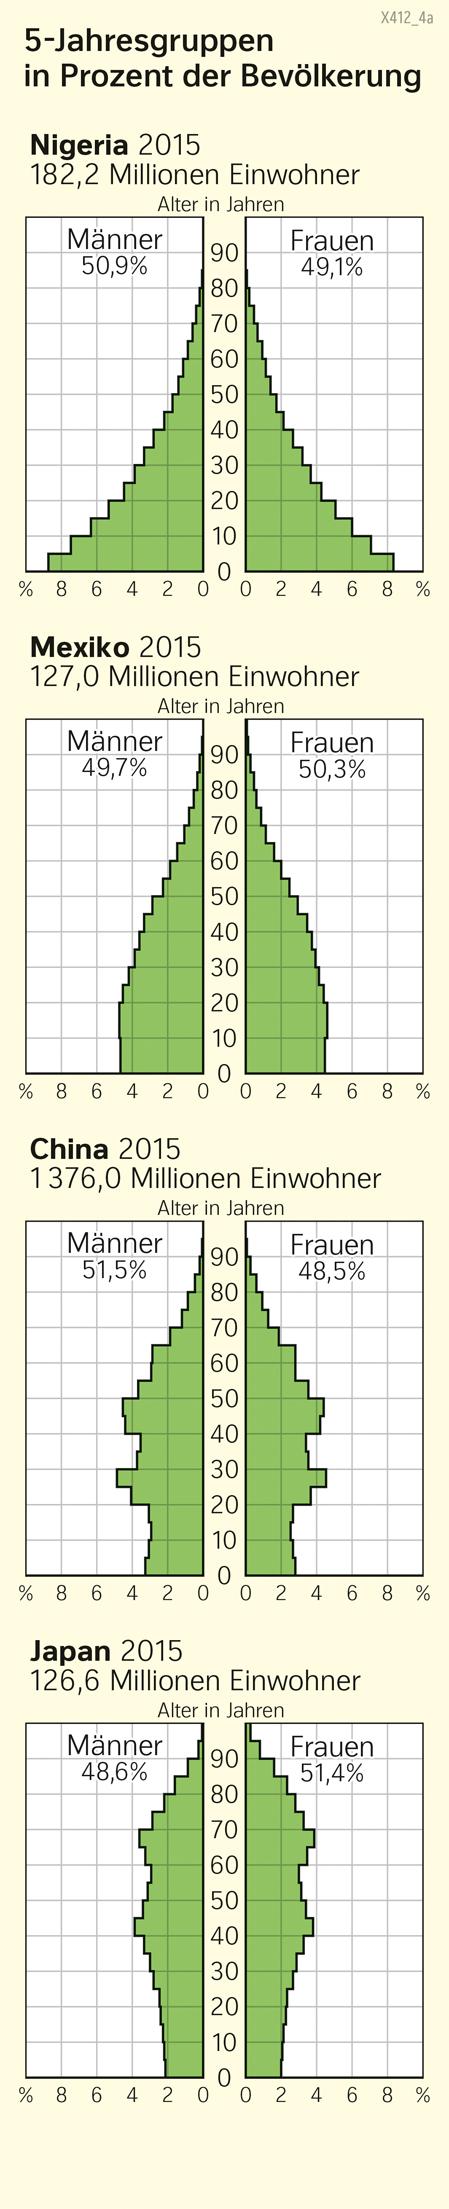 Nigeria/Mexiko/China/Japan | Altersaufbau | Erde | Karte 38/1